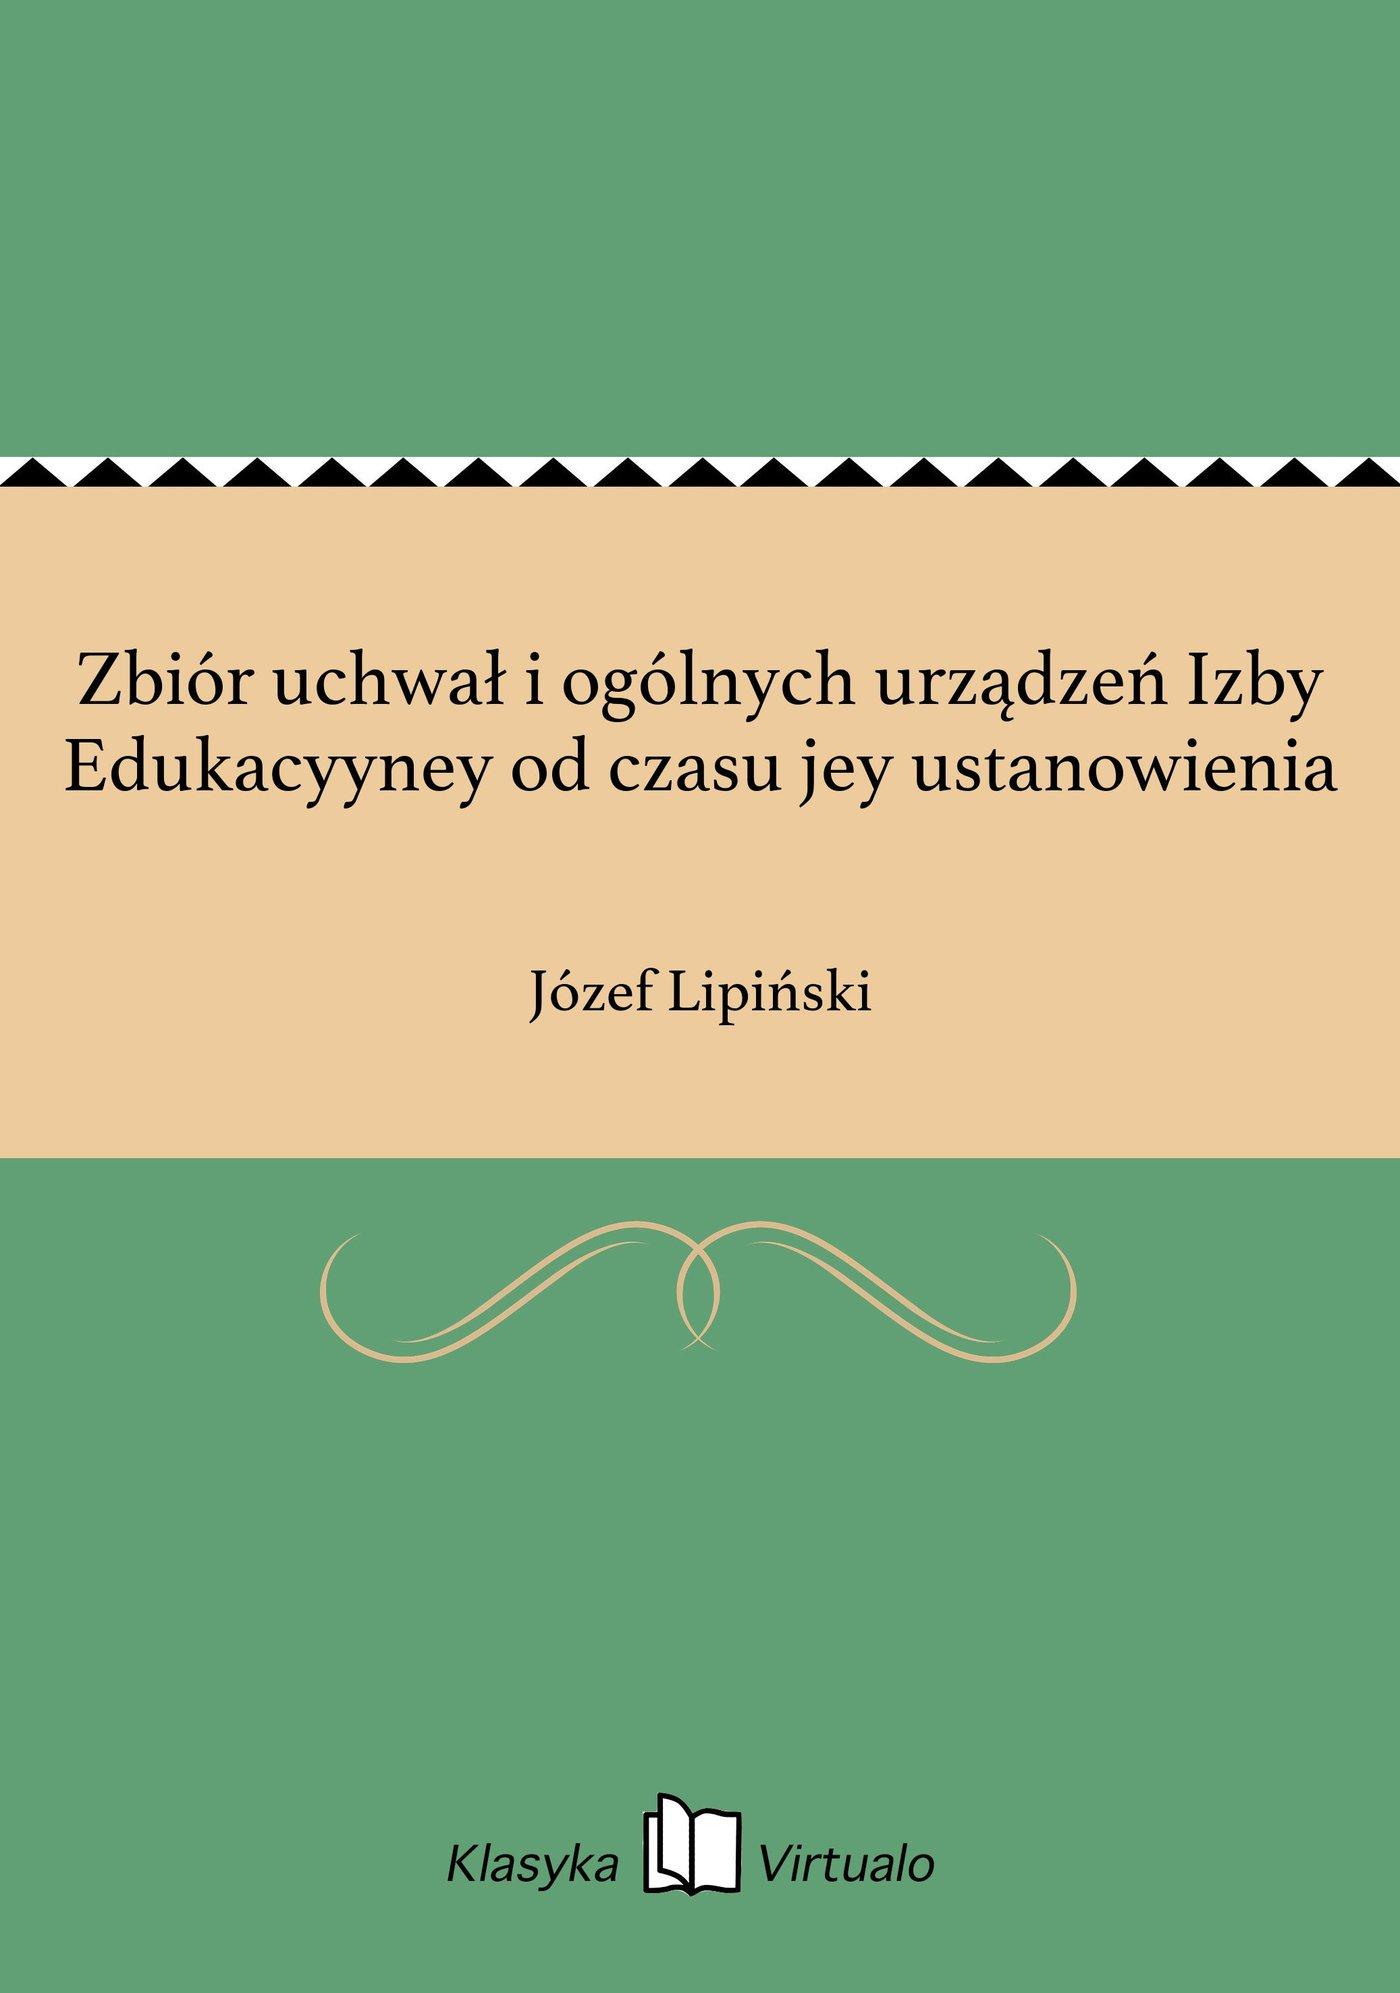 Zbiór uchwał i ogólnych urządzeń Izby Edukacyyney od czasu jey ustanowienia - Ebook (Książka EPUB) do pobrania w formacie EPUB